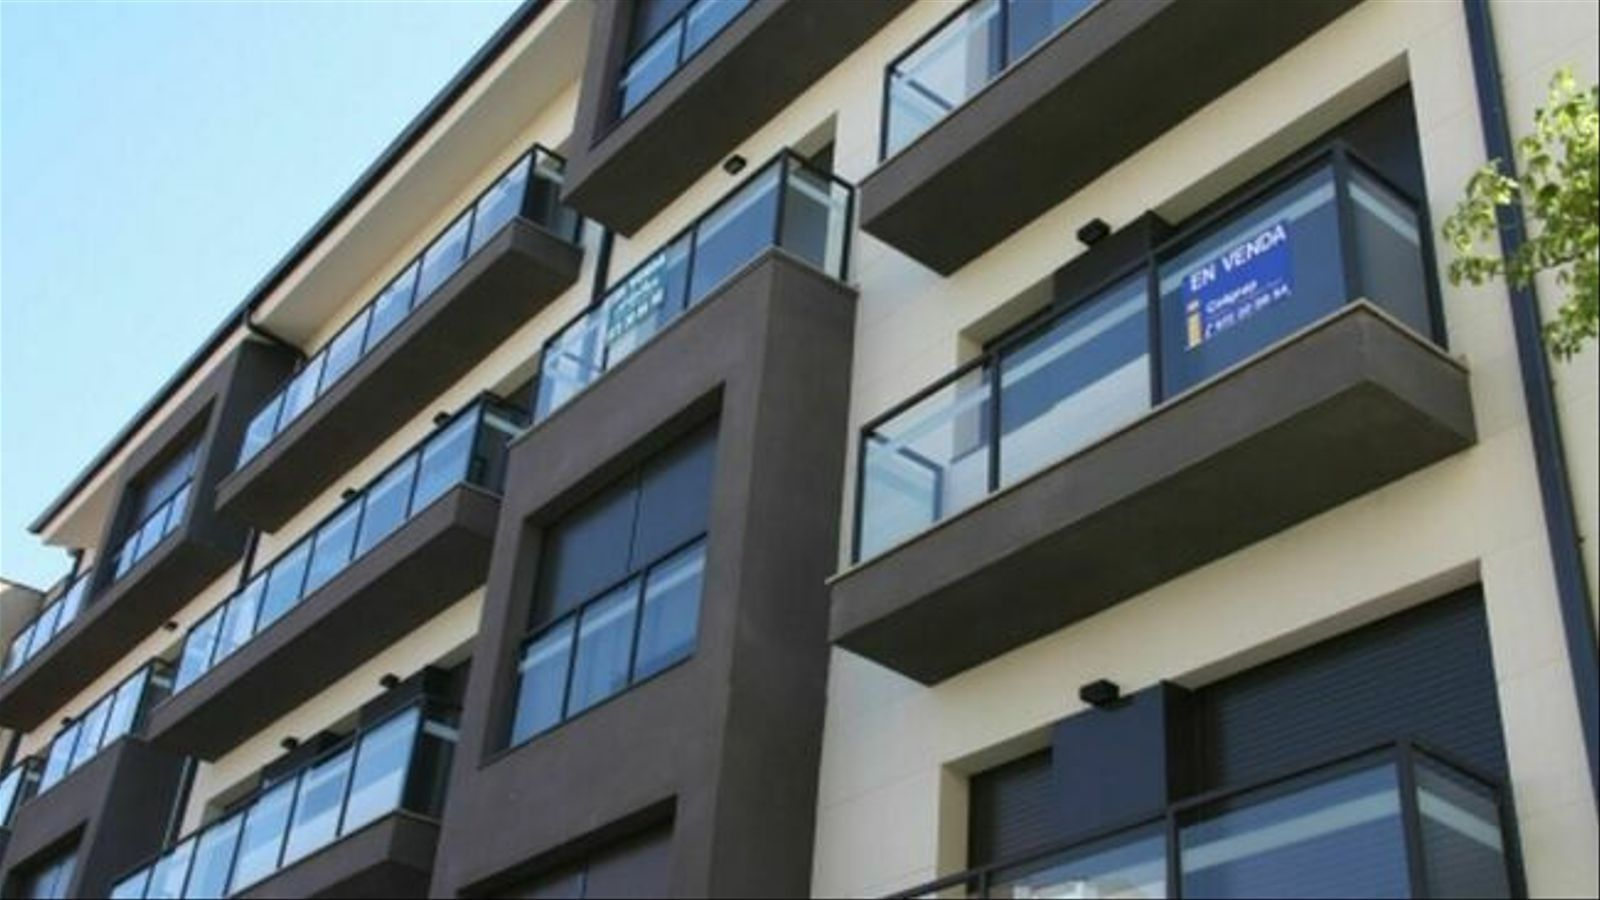 Cau la compravenda d'habitatges a les Illes Balears un 14,1%